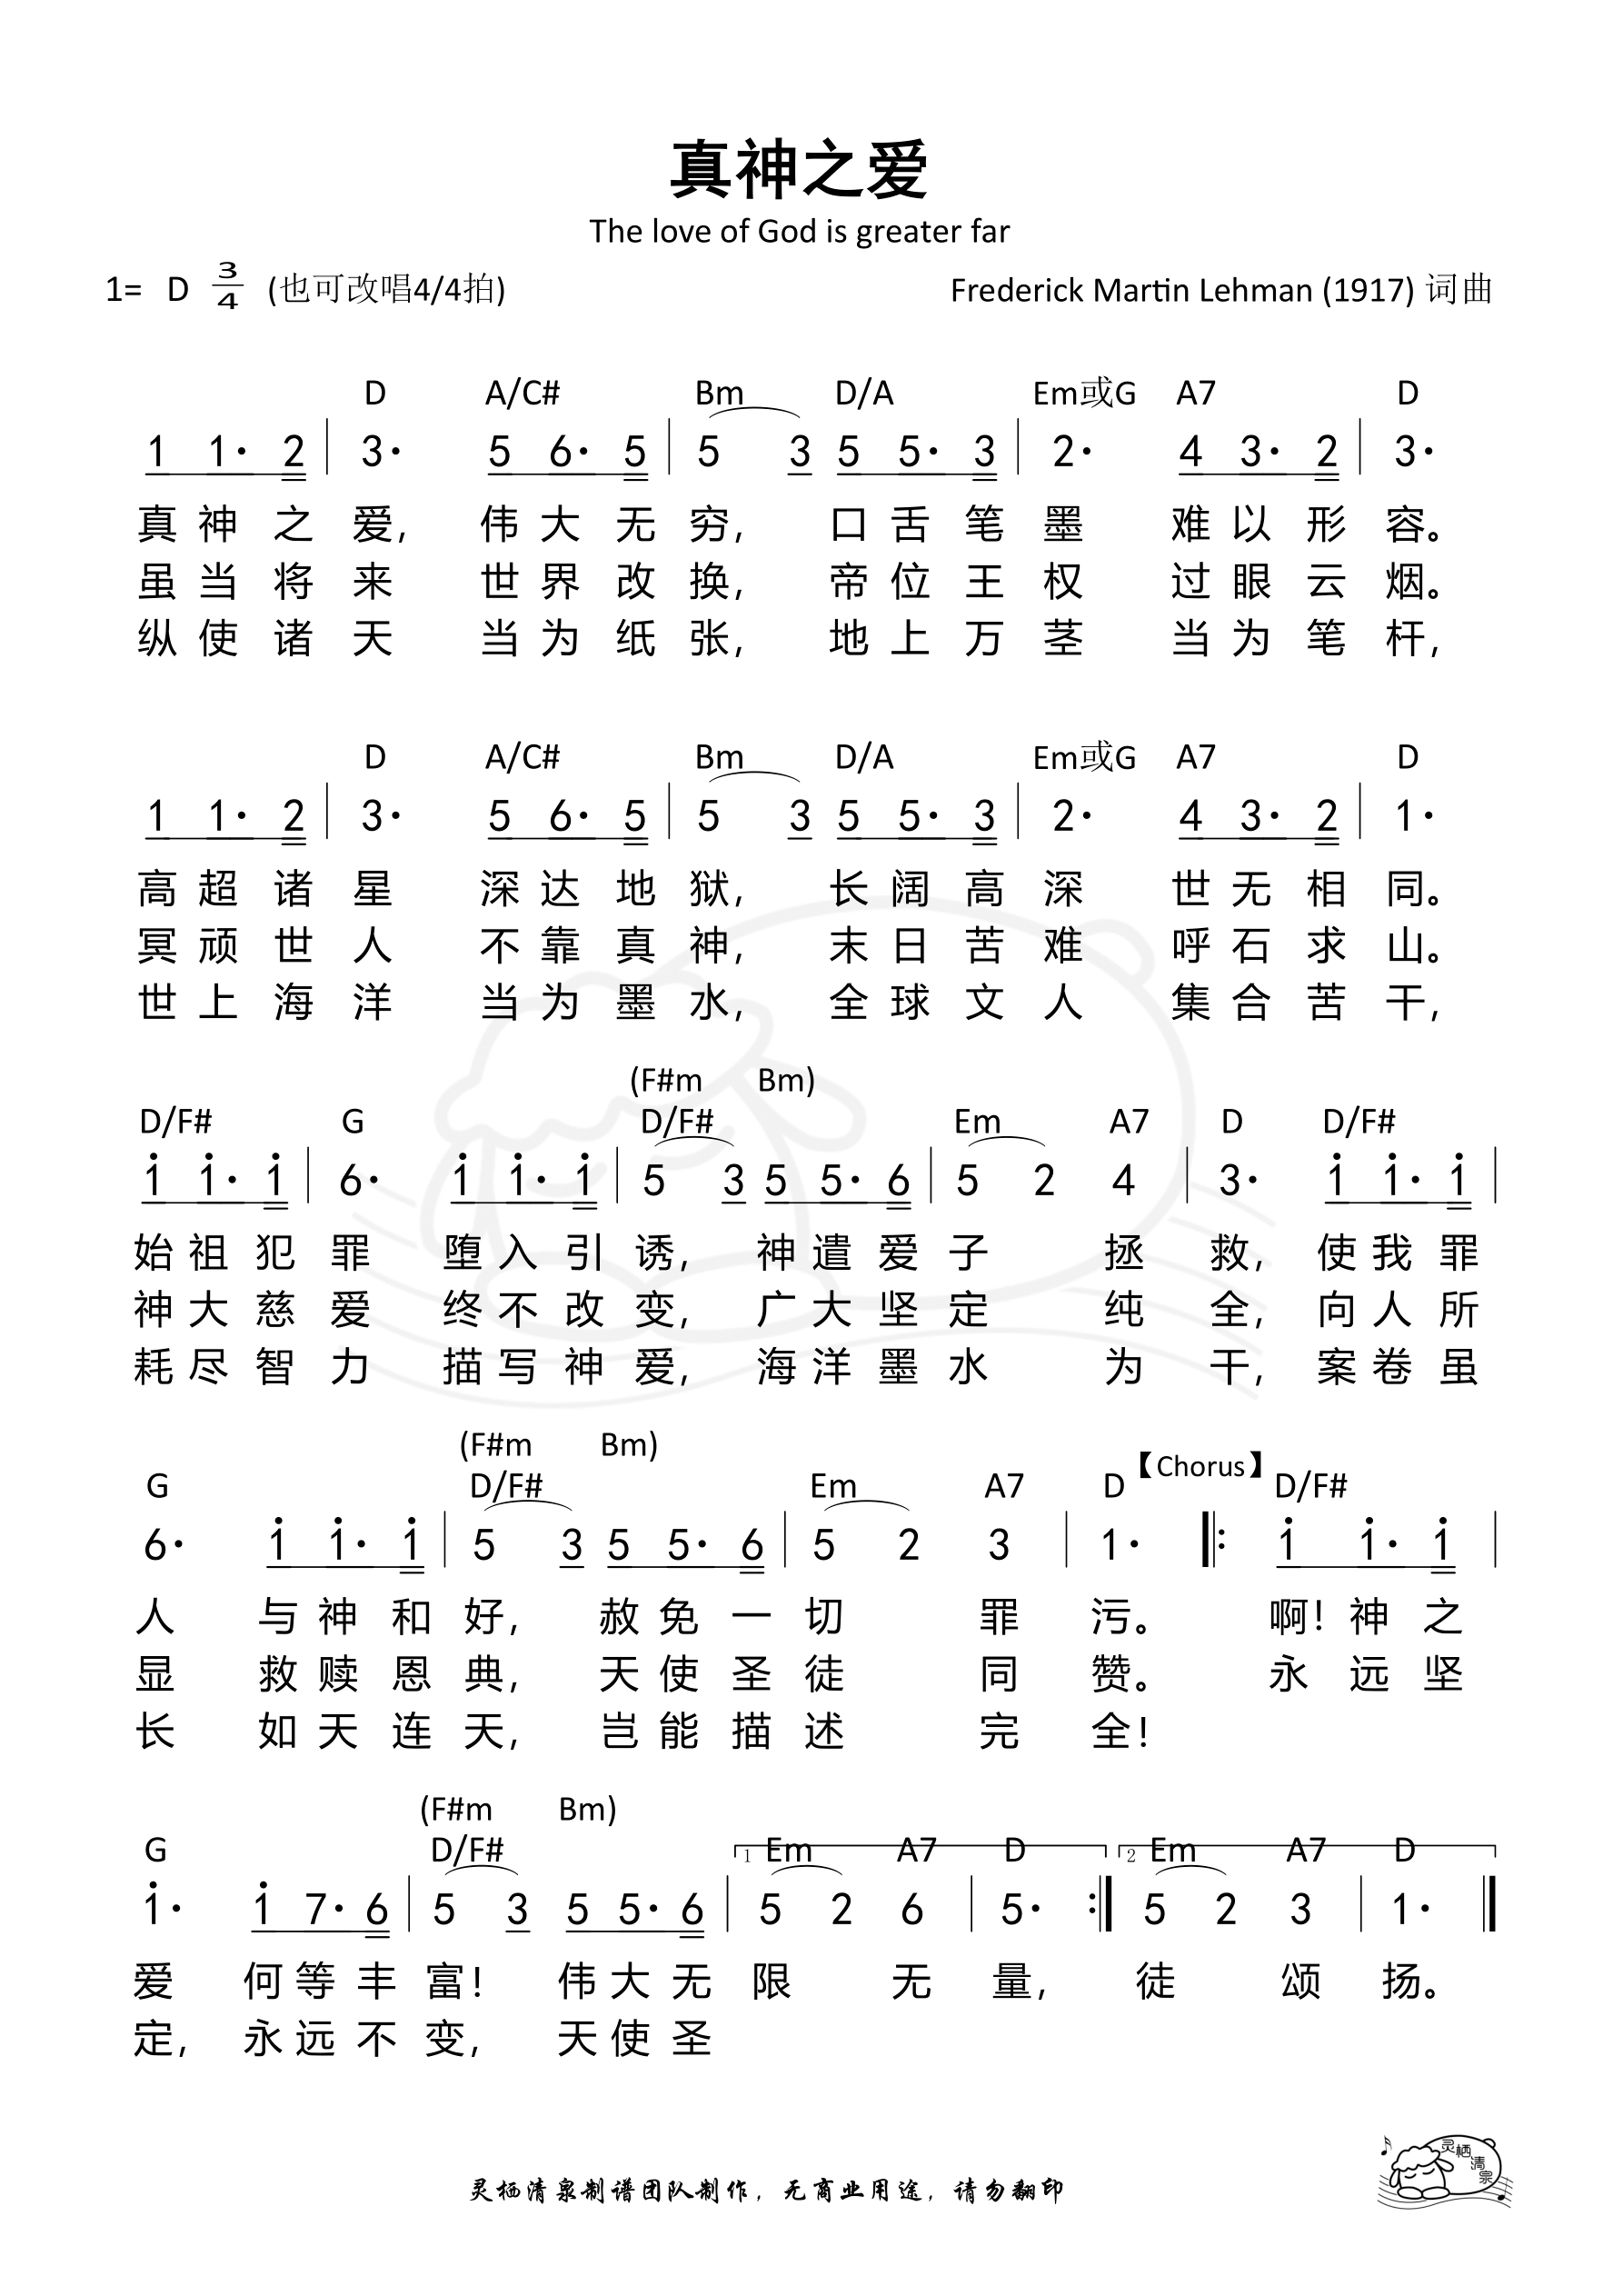 《第187首 - 真神之爱 和弦简谱》